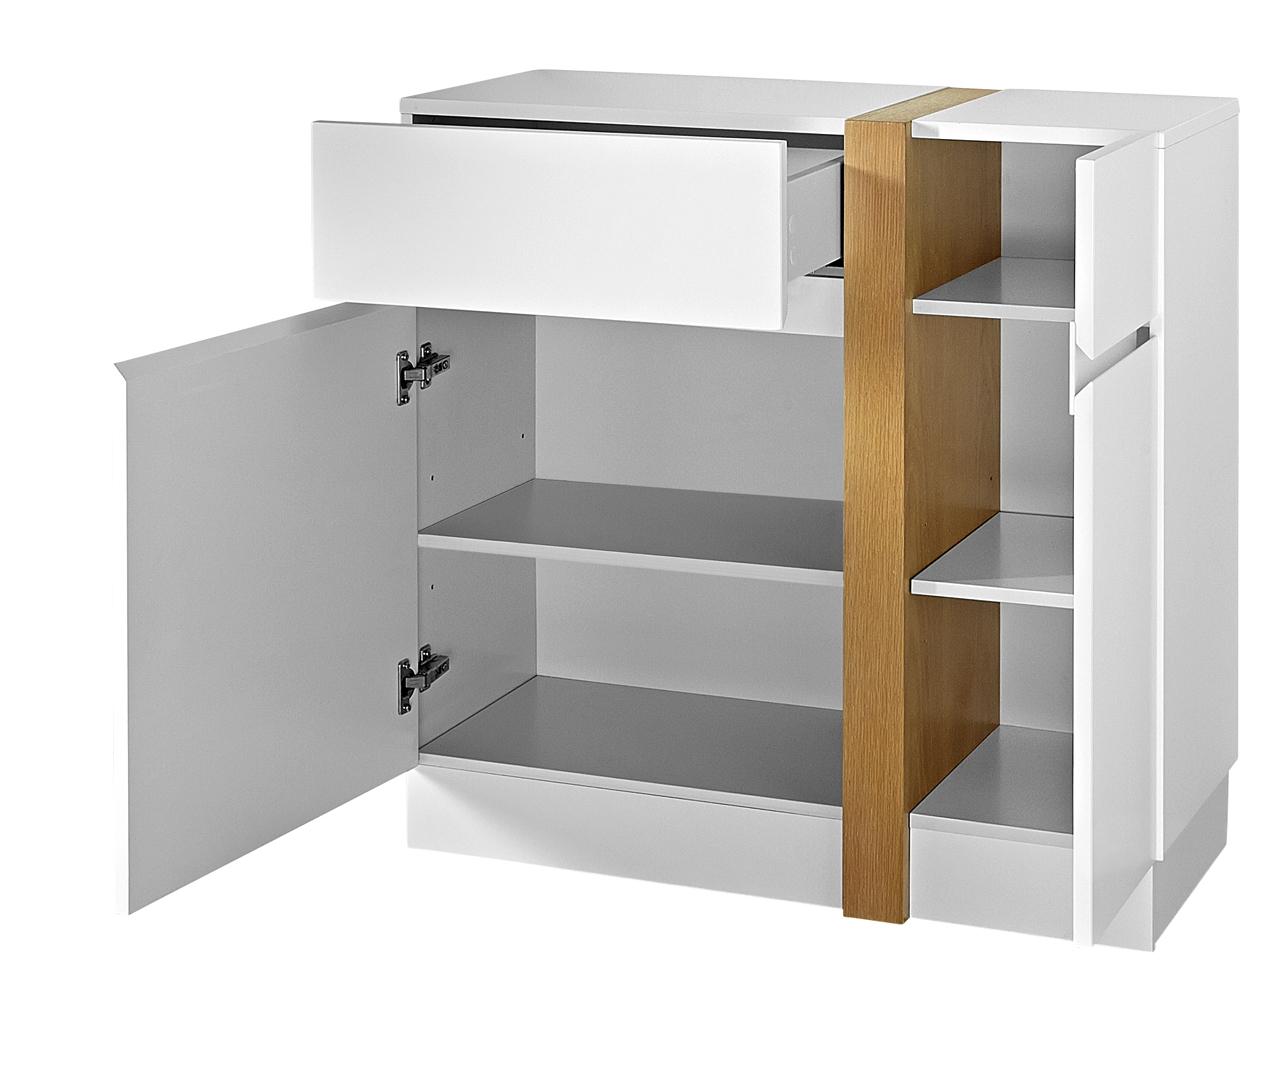 Meuble de rangement contemporain 2 portes/1 tiroir blanc laqué mat Oswald